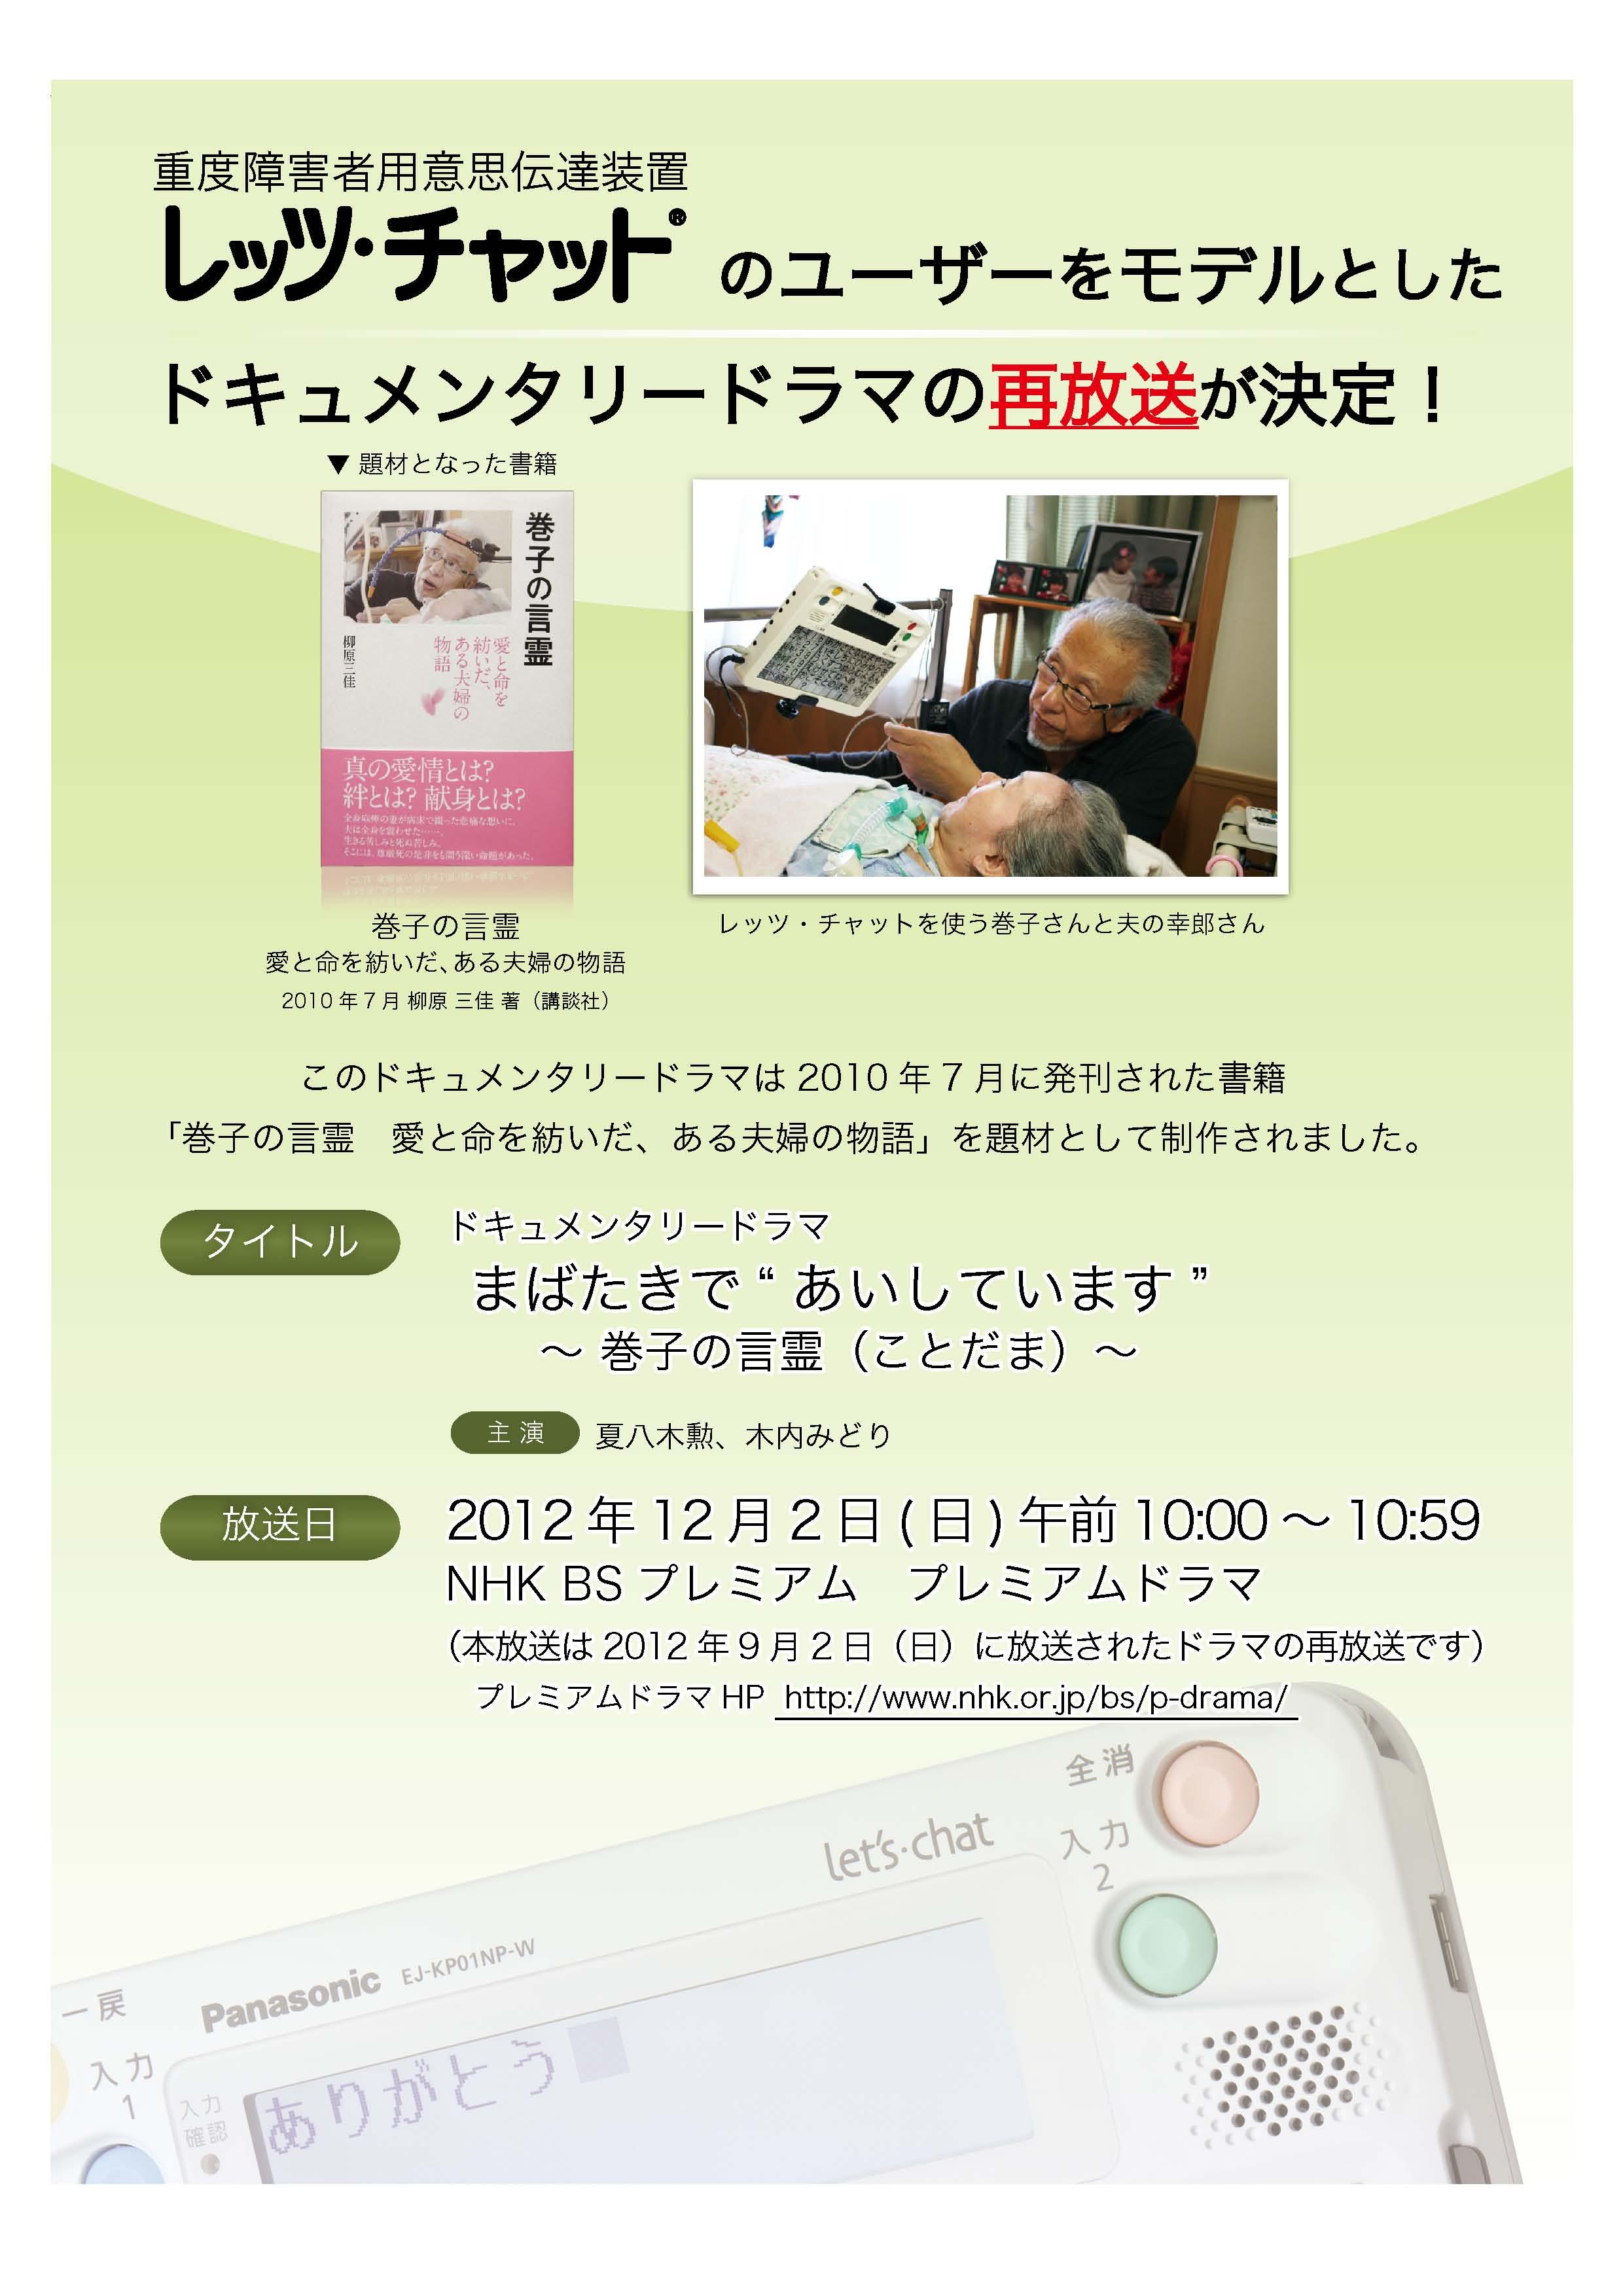 レッツ・チャットのユーザーをモデルとしたドキュメンタリードラマ再放送決定!